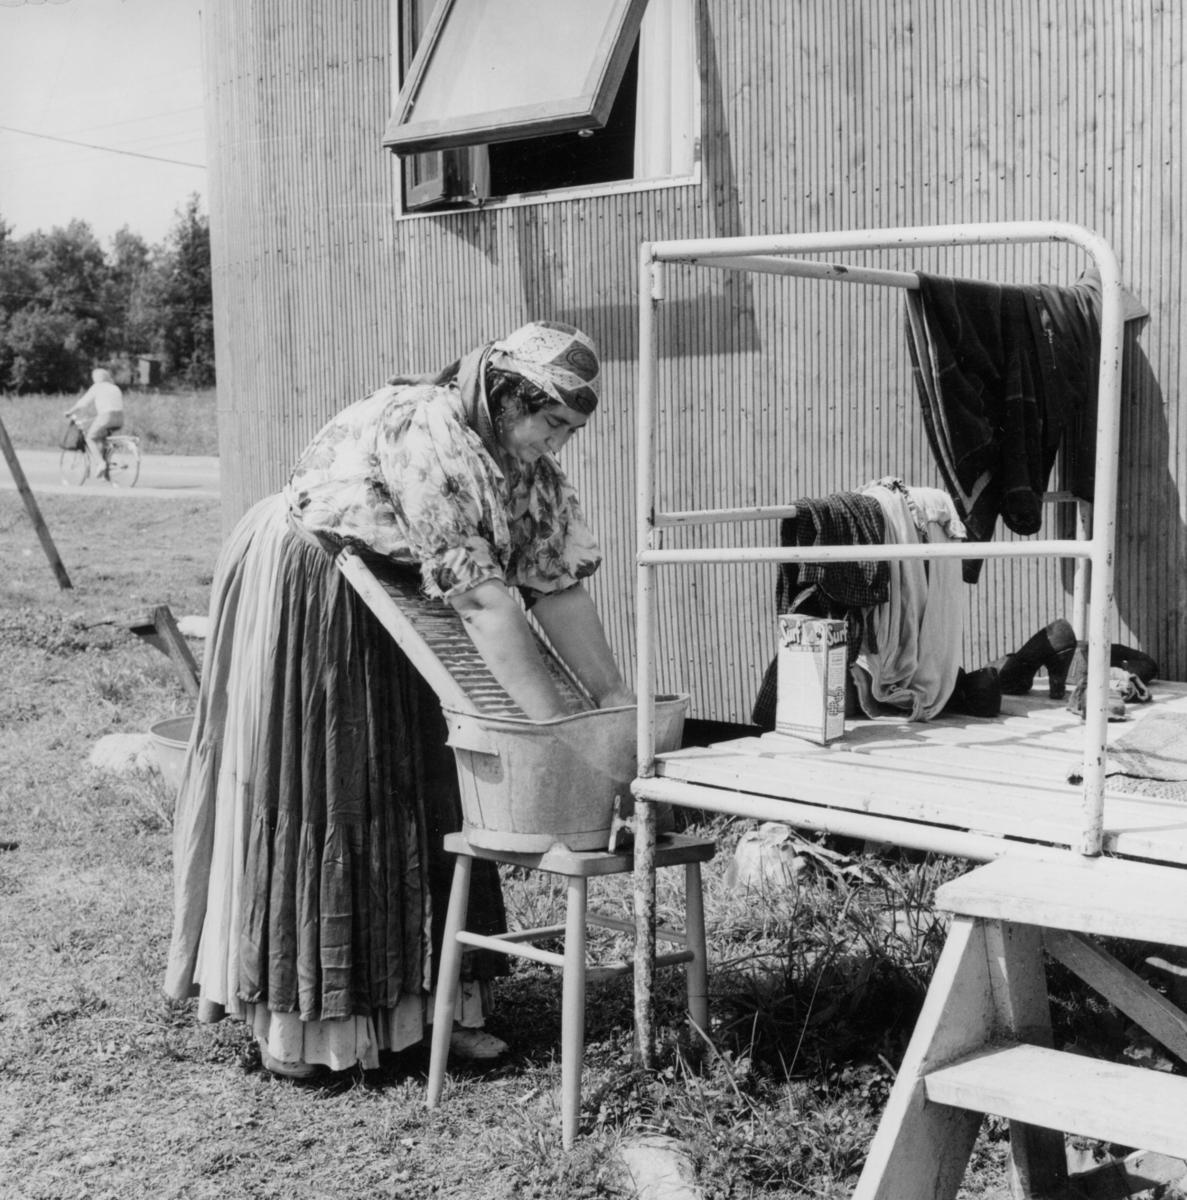 En romsk kvinnar tvättar utanför sin bostadsvagn i Tantolunden, Stockholm. Invid Årstabrons fäste låg ett hus på Tantogatan 26. Strax efter krigsslutet hade Sven Andersson skrivit till fastighetsförvaltningen angående romernas situation varpå den gamla disponentsvillan ställdes till förfogande för svenska romer. Masonitplattor sattes upp för att dela upp huset i lägenheter. Huset var mycket slitet och flera som bott här beskriver råttornas närvaro som påtaglig. Kring huset kom bostadsvagnar att sättas upp. I mitten av 1940-talet rörde sig här mycket folk, både de som bodde här och deras besökare. Vid lägret i Tanto spelades kortfilmen Uppbrott in 1948, med Katarina Taikon i huvudrollen. Vid mitten av 1950-talet hade samtliga boende fått andra bostäder och disponentsvillan revs.